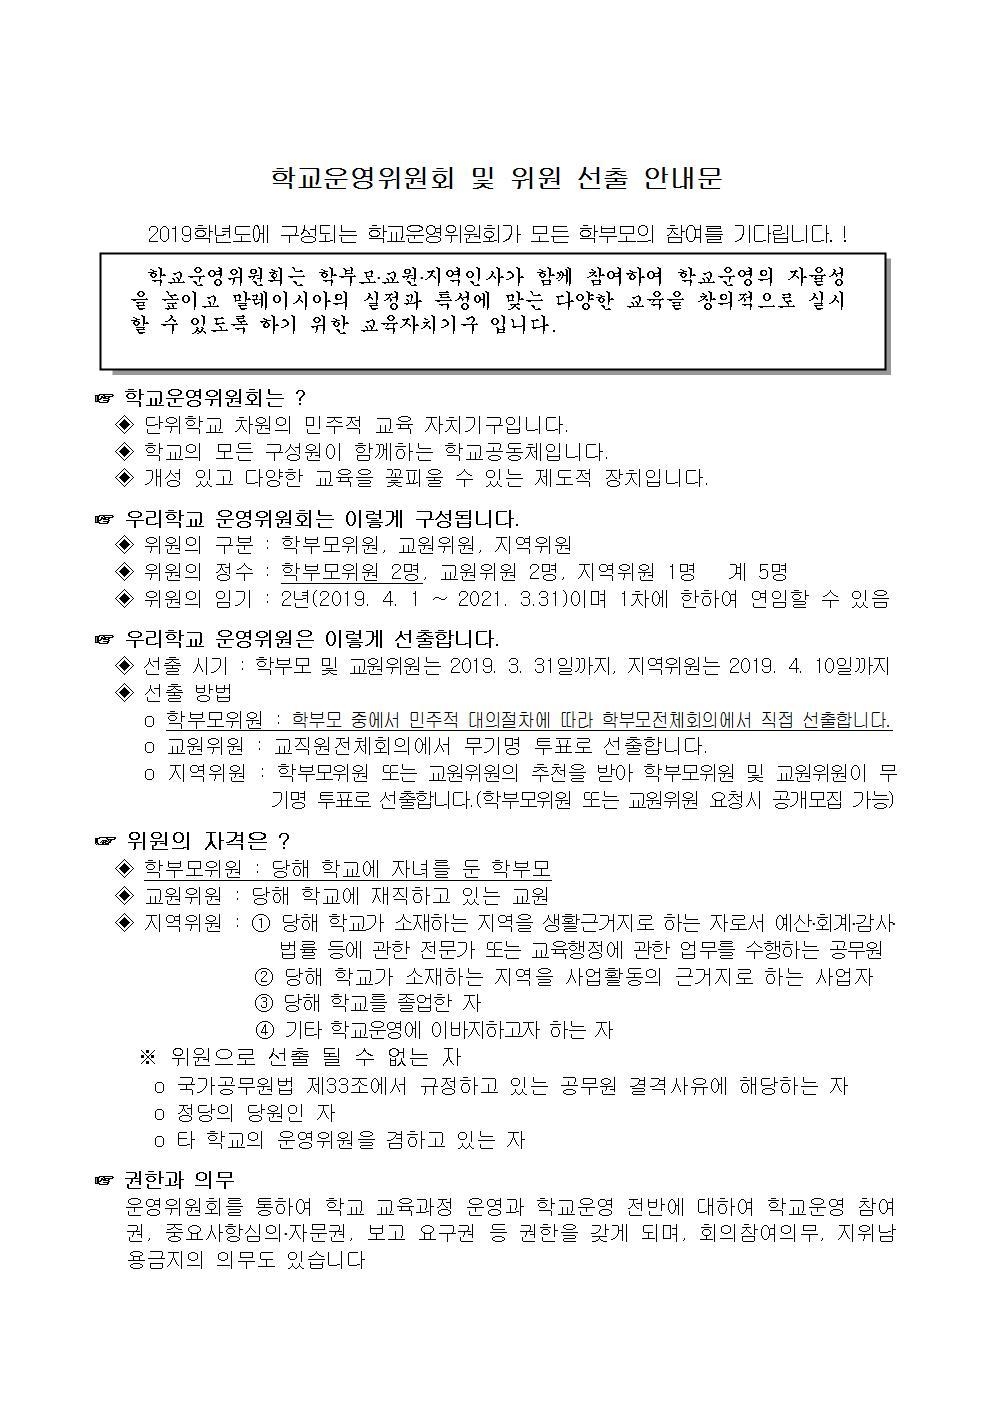 학교운영위원회 및 위원 선출 안내문001.jpg